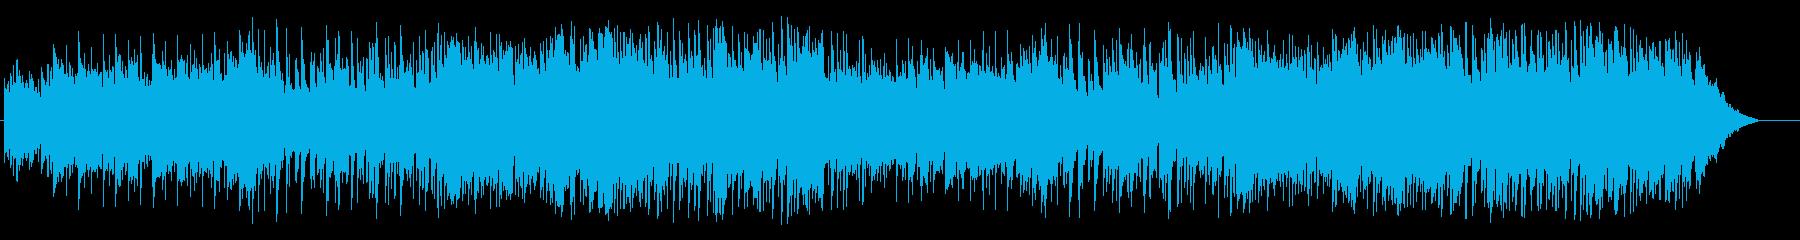 豪華な愛のピアノ・バラード/ブライダルの再生済みの波形